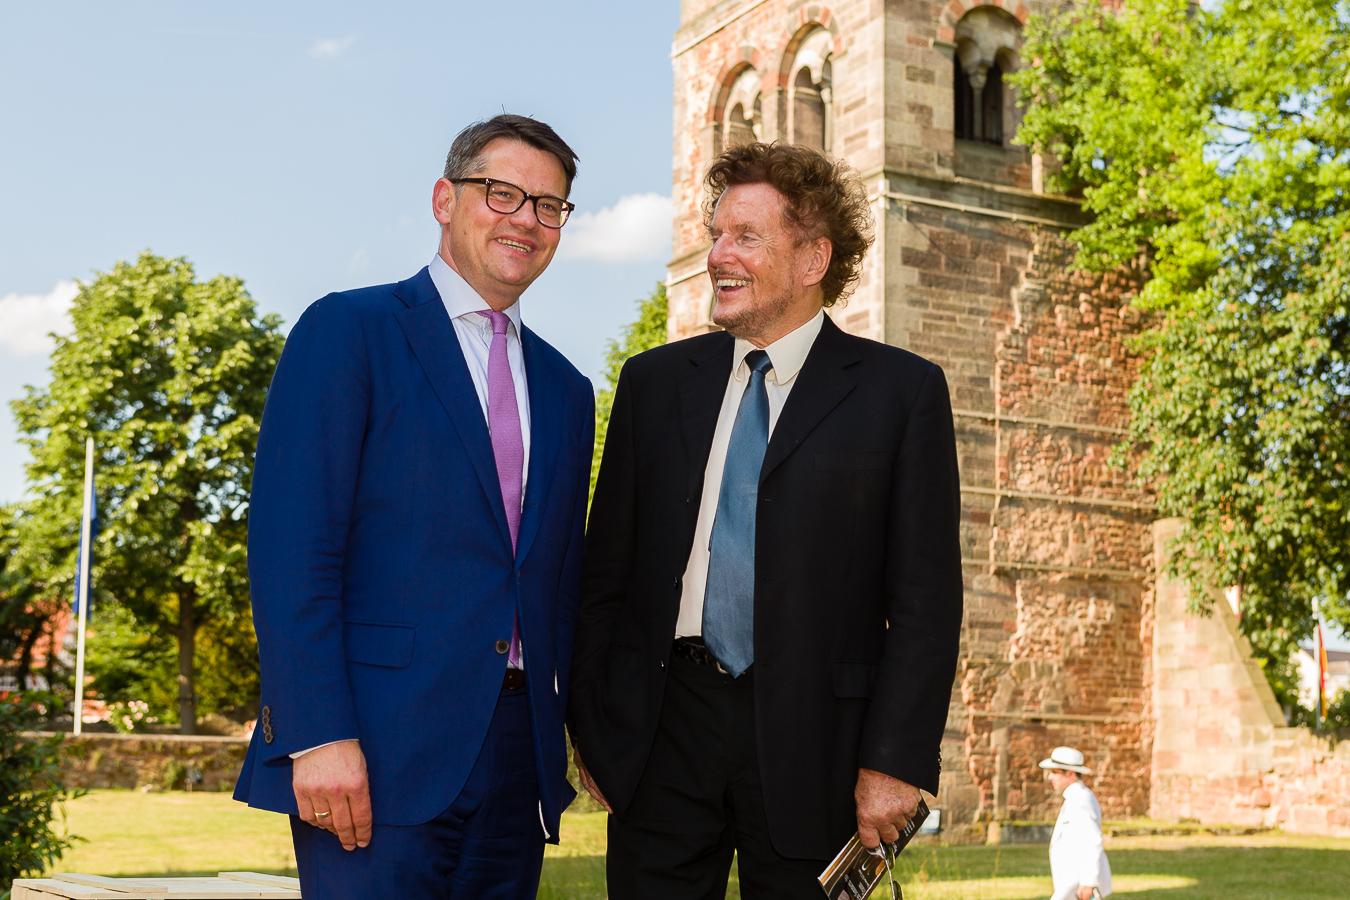 Hessischer Wirtschaftsminister besucht Bad Hersfelder Festspiele